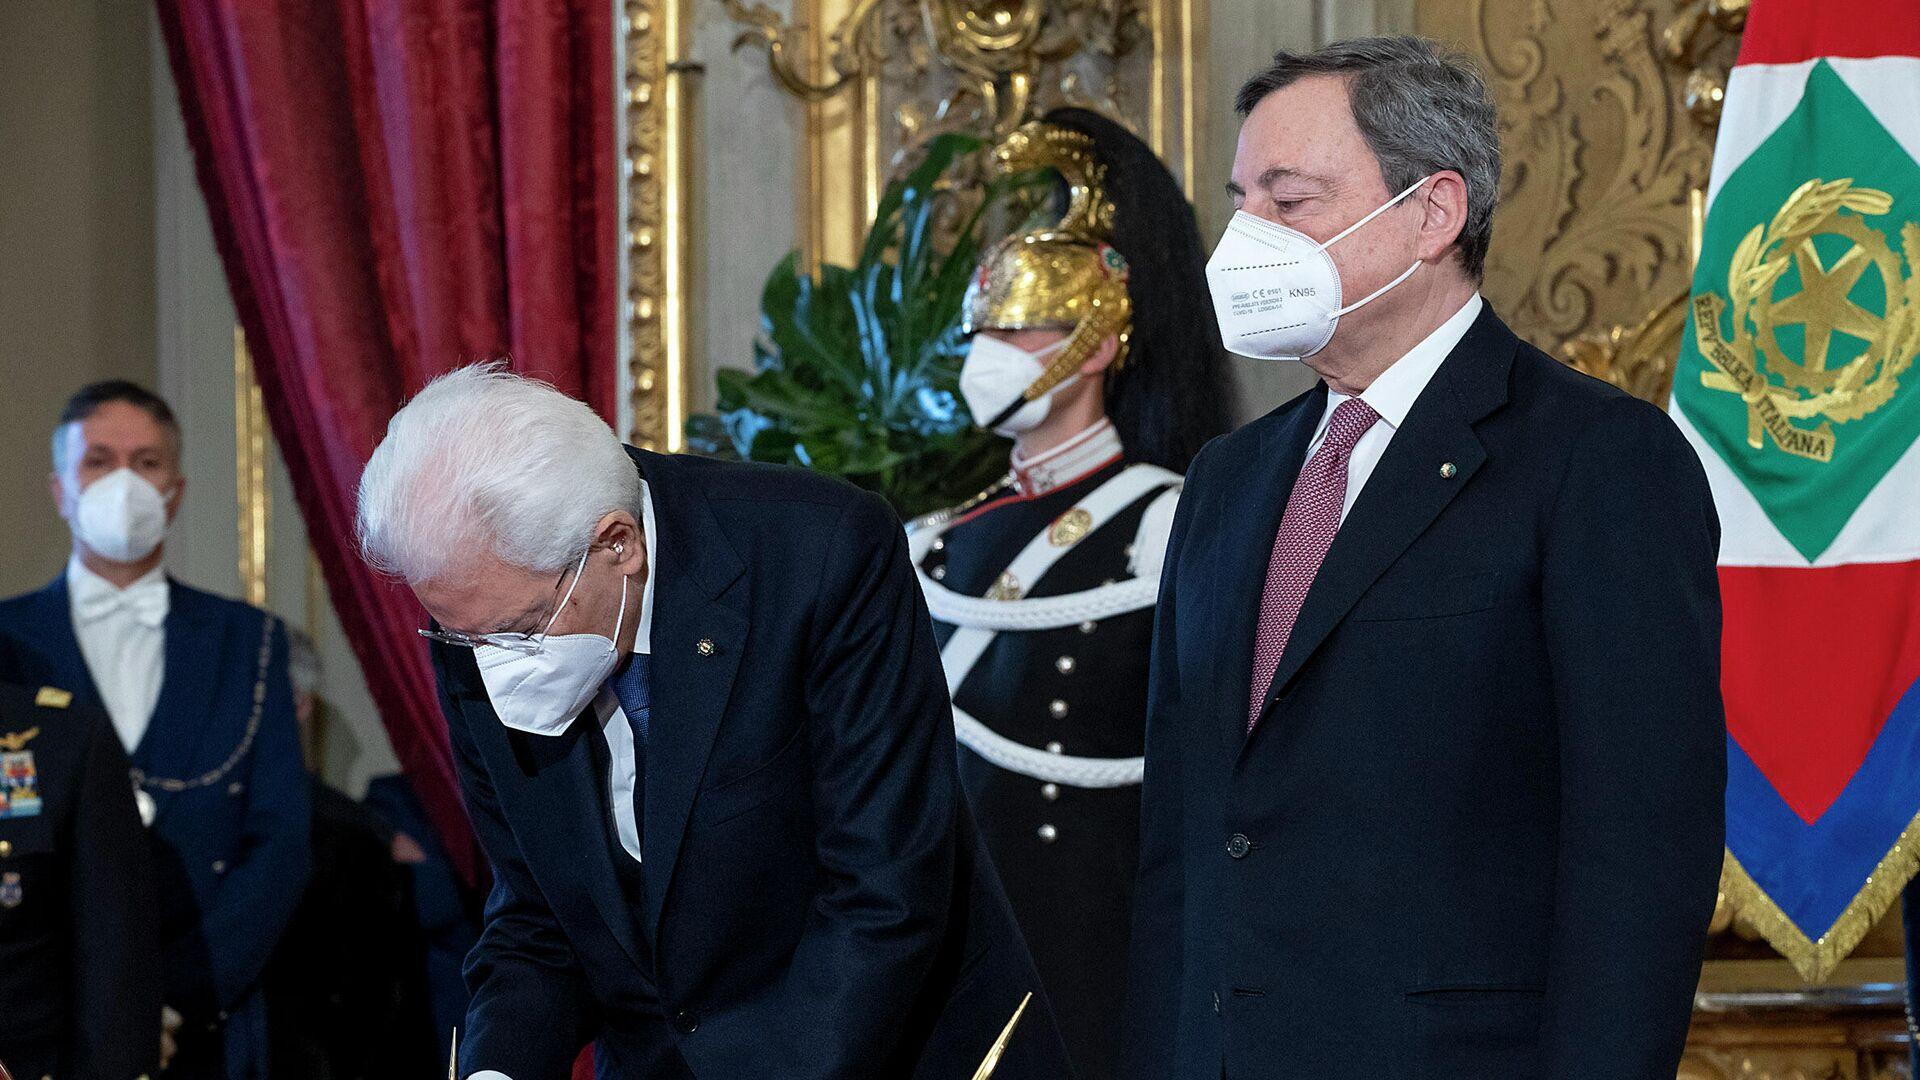 El presidente de Italia, Sergio Mattarella, y el primer ministro italiano, Mario Draghi - Sputnik Mundo, 1920, 20.05.2021